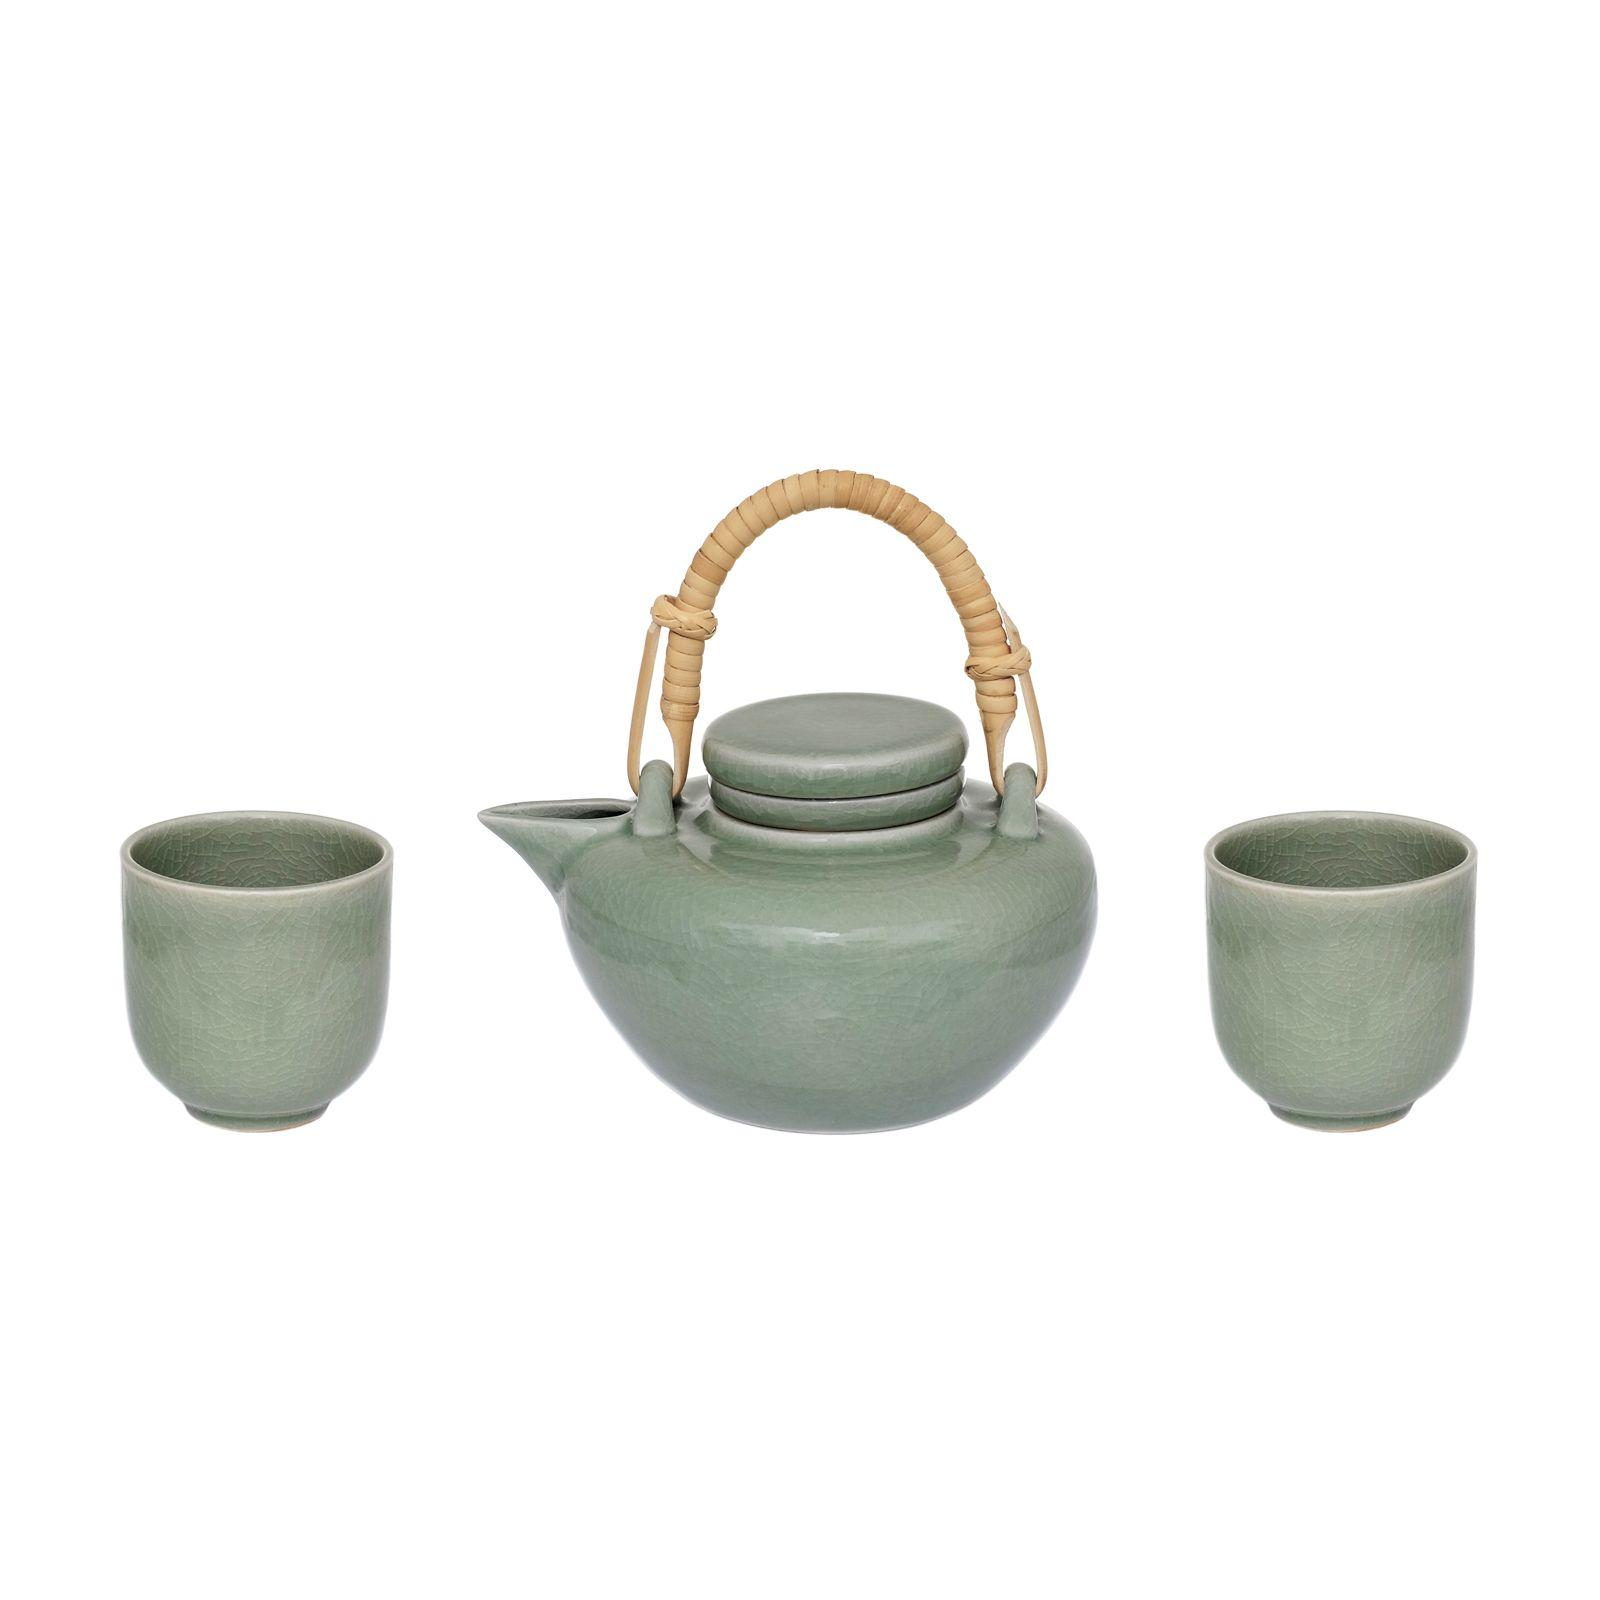 Mit den unzähligen Teevariationen, die es gibt, haben Sie auch unzählige Möglichkeiten des Genusses. Ob beruhigend, belebend oder erfrischend, die vielen verschiedenen Teesorten bieten Ihnen ein unglaubliches Spektrum.  Doch wer wirkliches Aroma genießen möchte, wird keinesfalls auf normale Teebeutel zurückgreifen; er wird Tee immer frisch aufbrühen, um so den vollen Geschmack genießen zu können. Für echte Genießer ist auch dieses Teeservice aus Steingut.